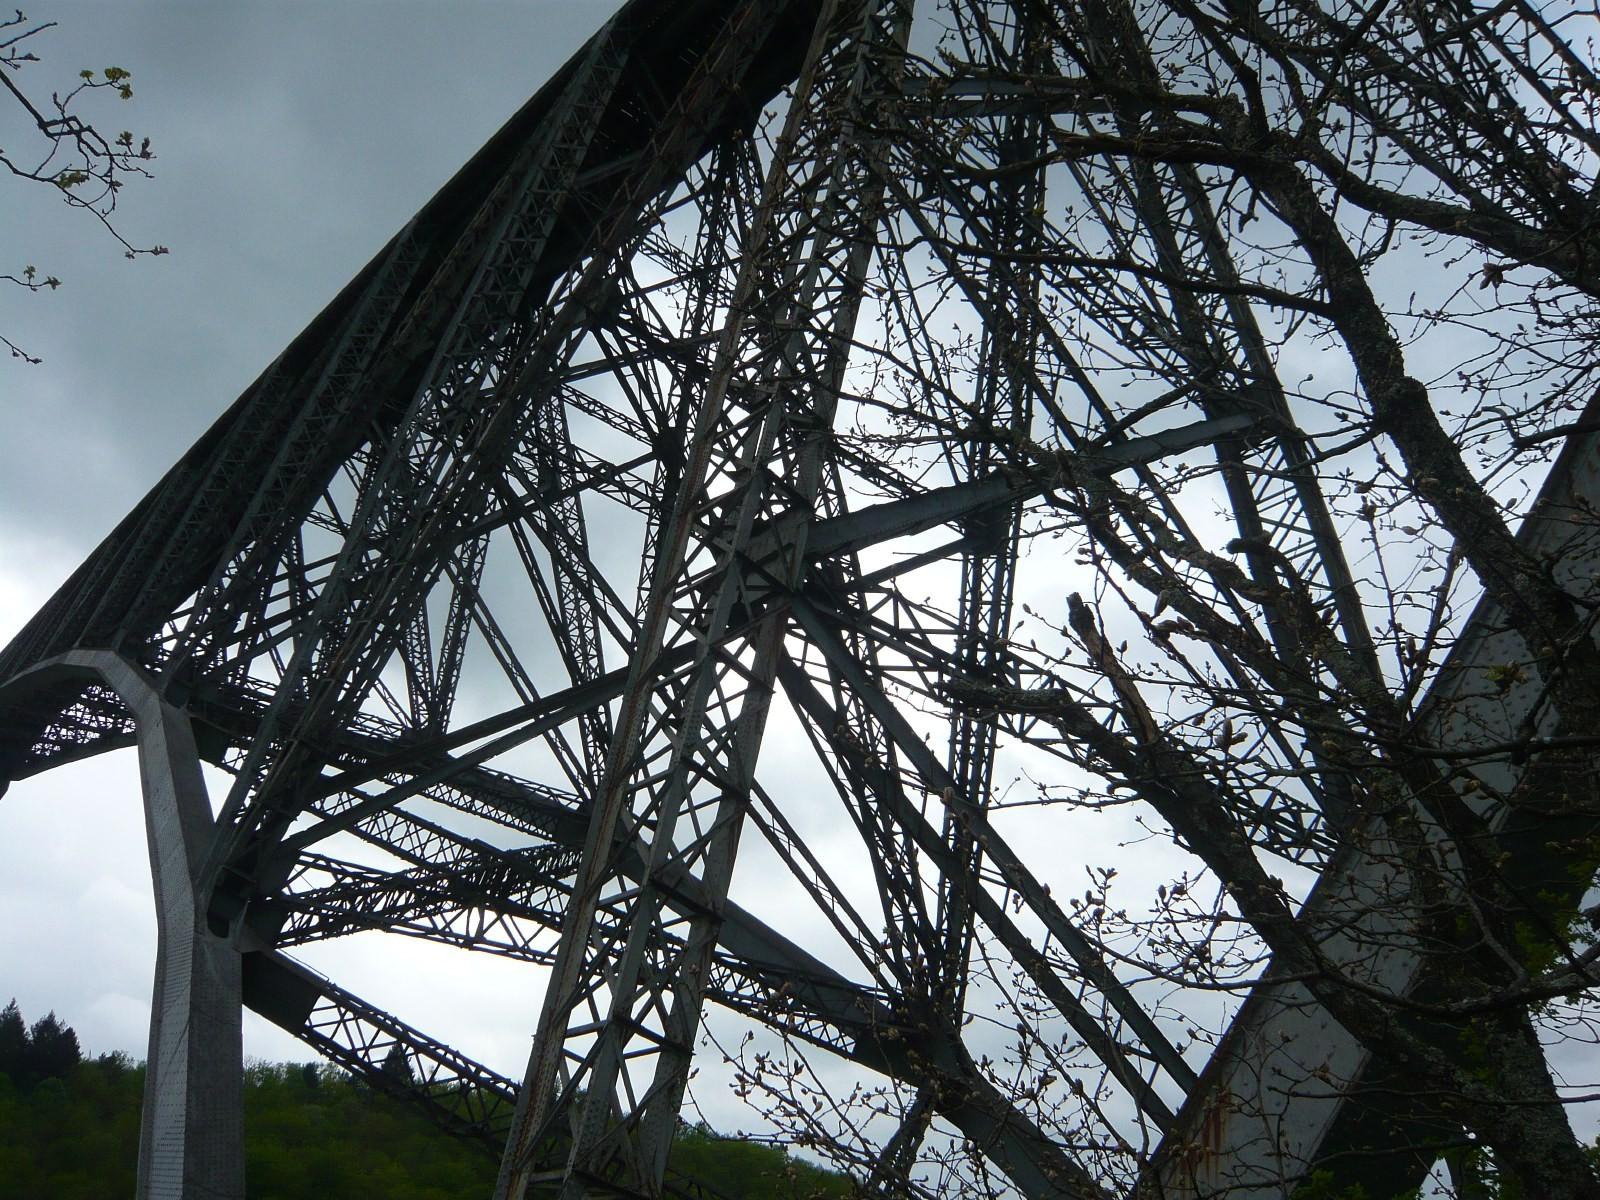 Détail du viaduc du Viaur près d'Albi, 1902, l'un des plus grands viaducs métalliques de France. © Bertrand Lemoine